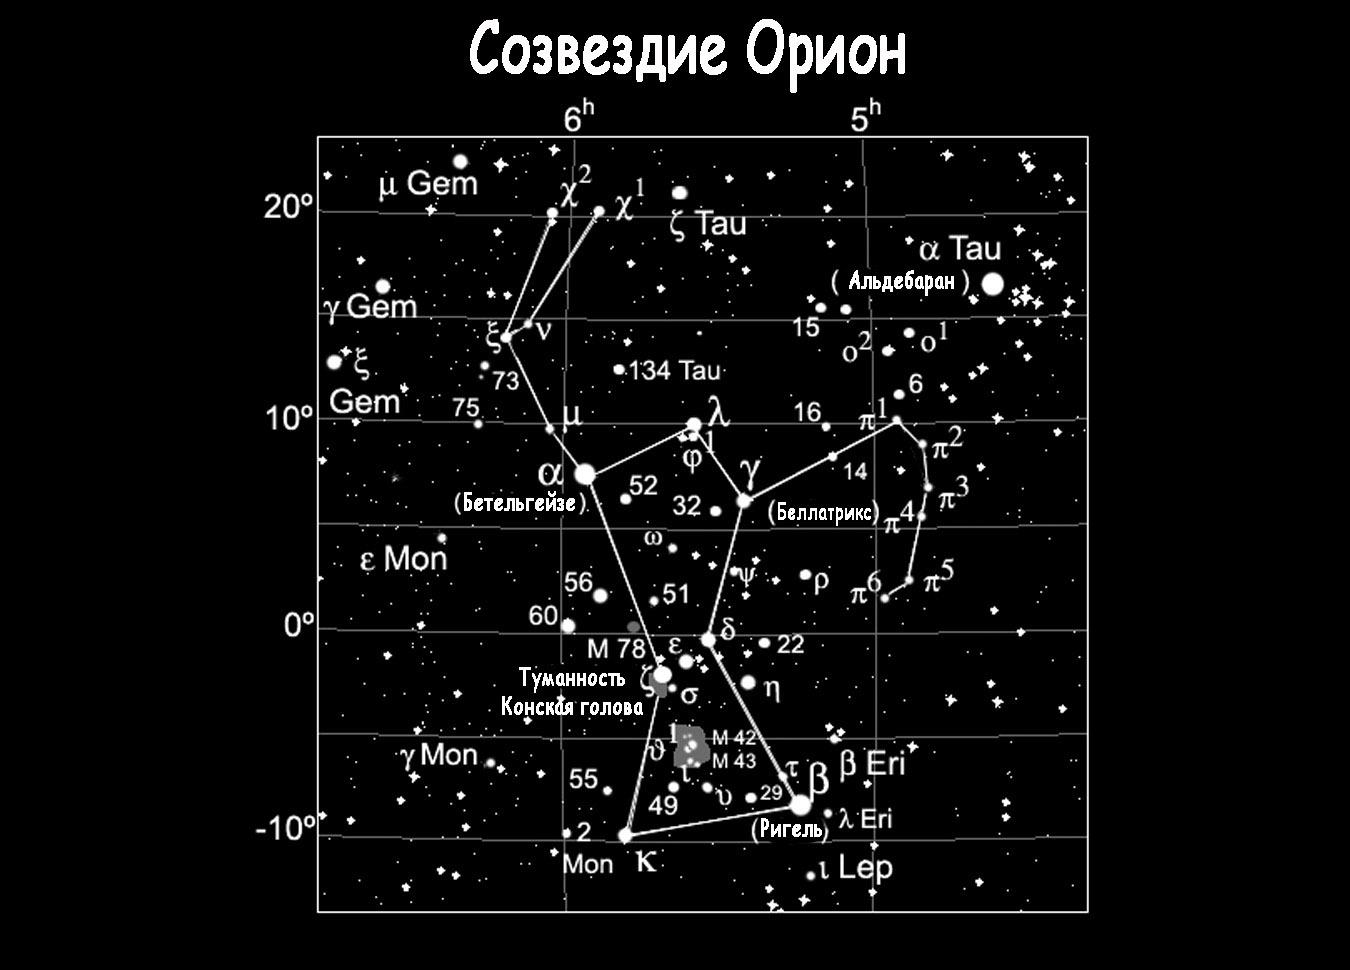 Что такое созвездия?